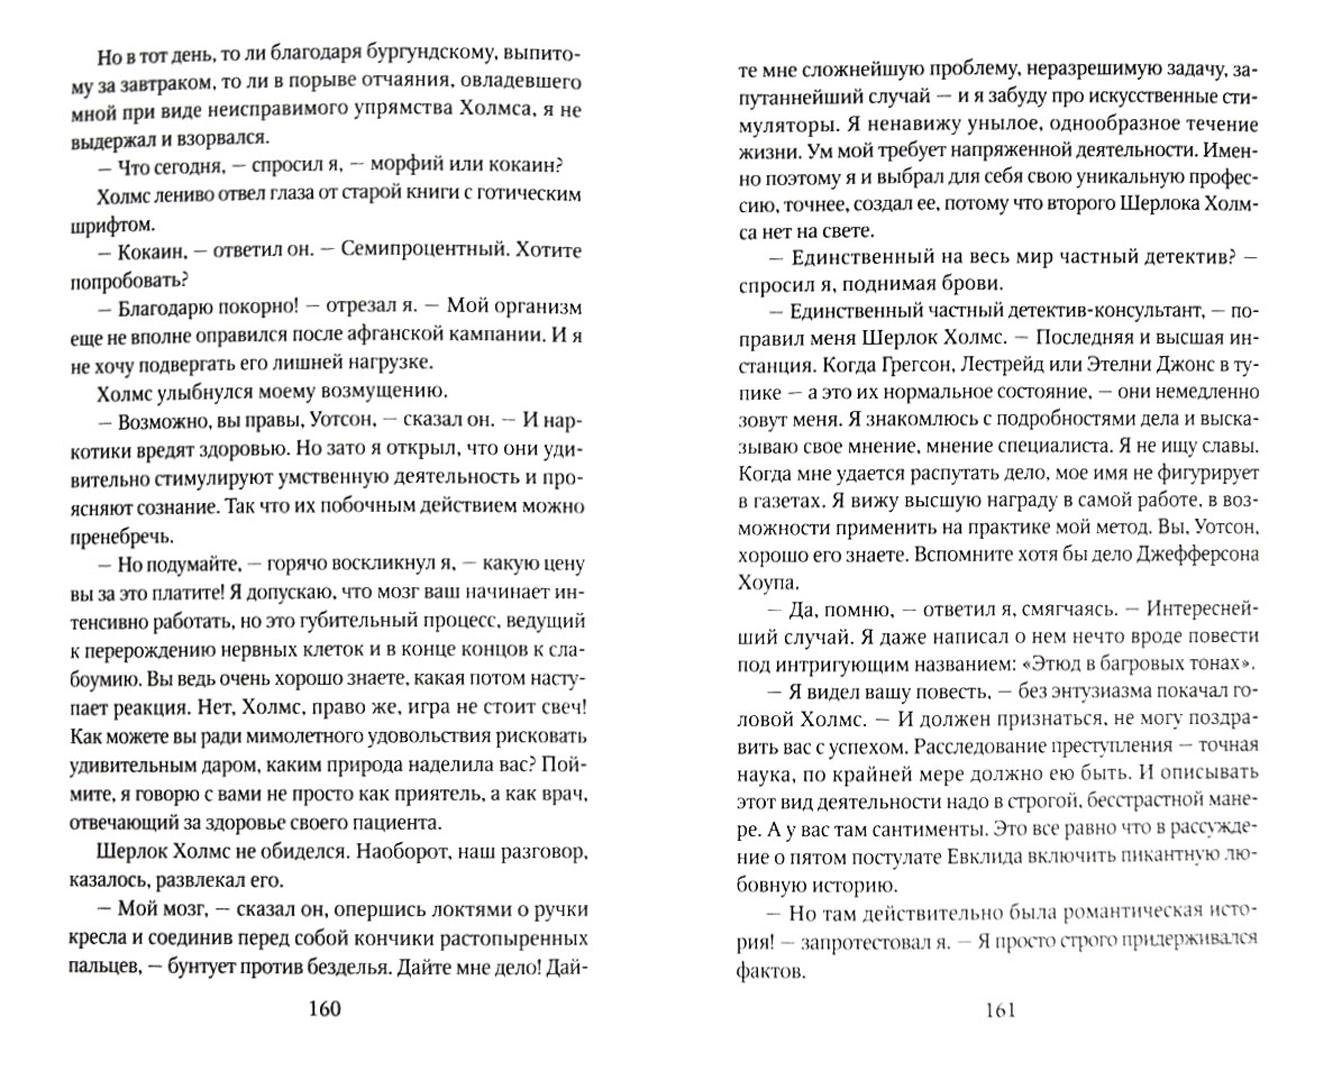 Иллюстрация 1 из 6 для Знаменитый Шерлок Холмс - Артур Дойл | Лабиринт - книги. Источник: Лабиринт